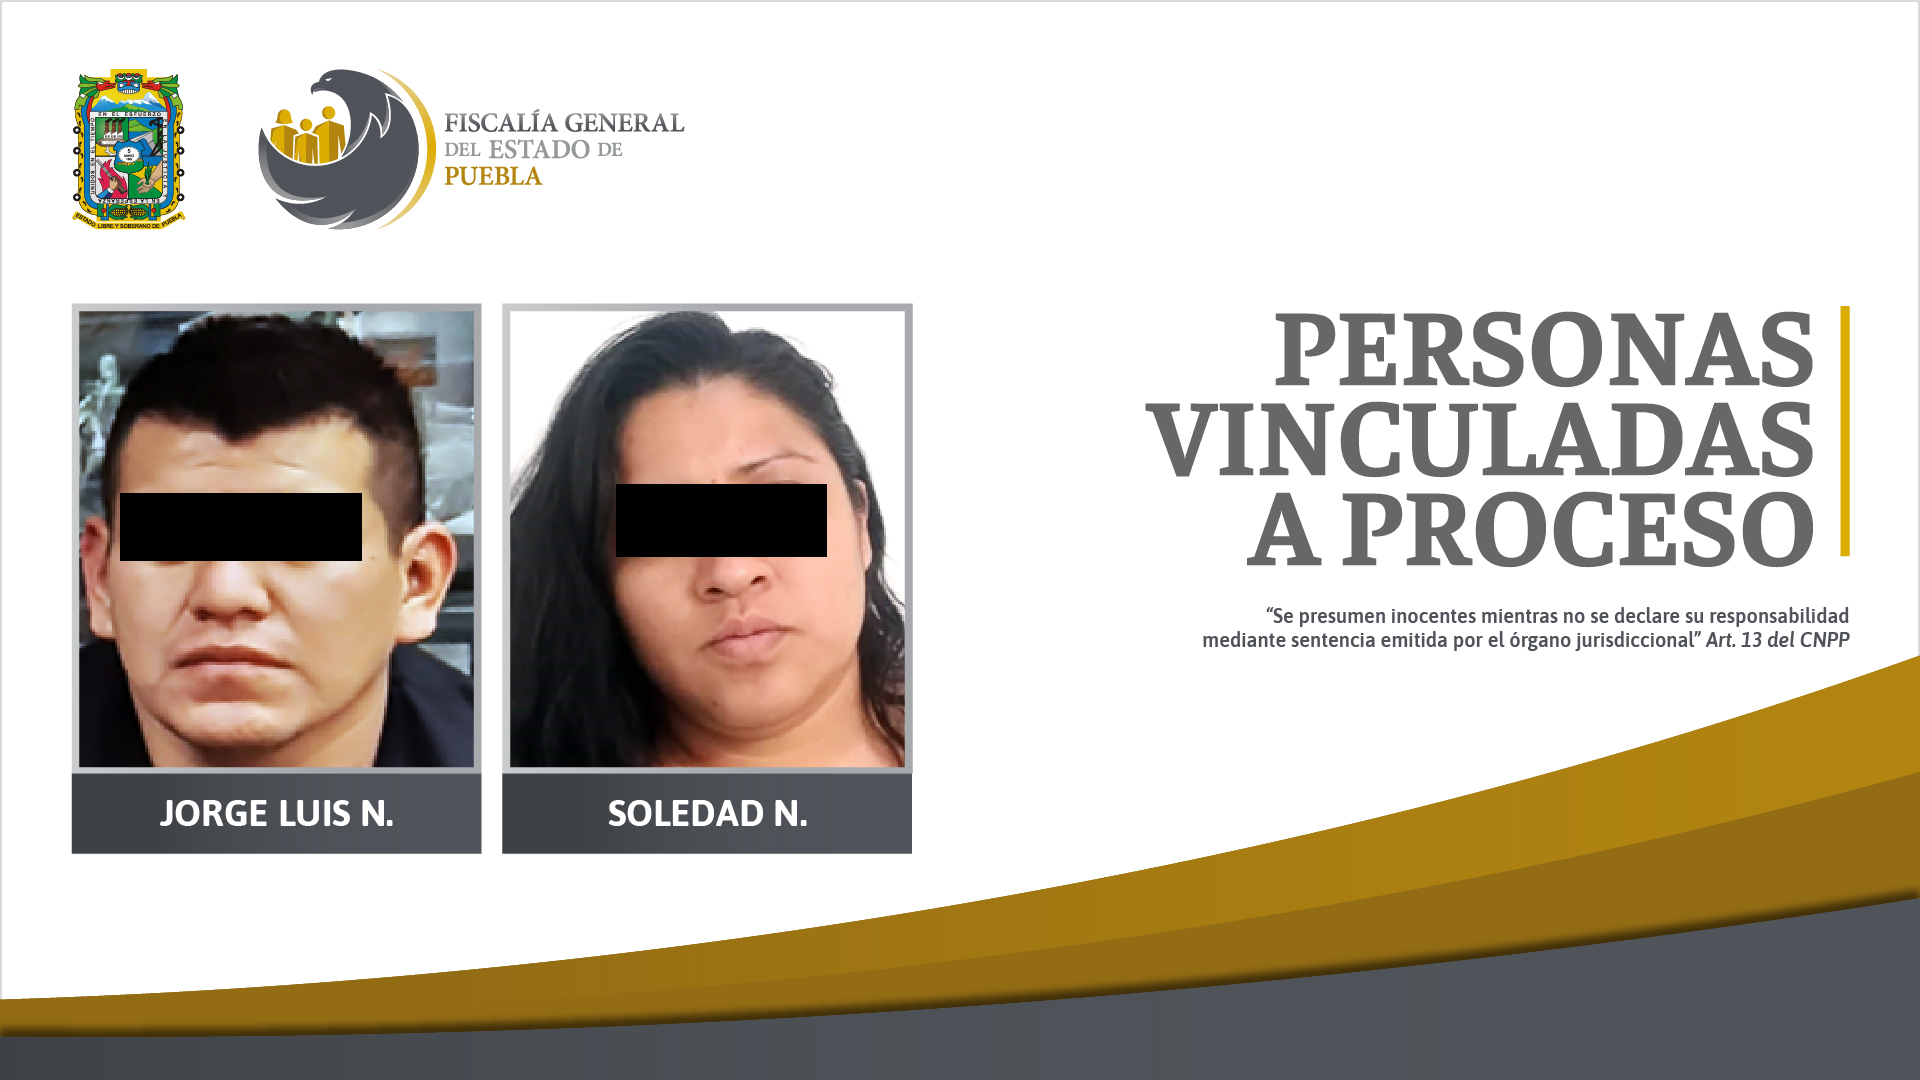 Ex coordinador de seguridad en Ajalpan y cómplice, vinculados a proceso